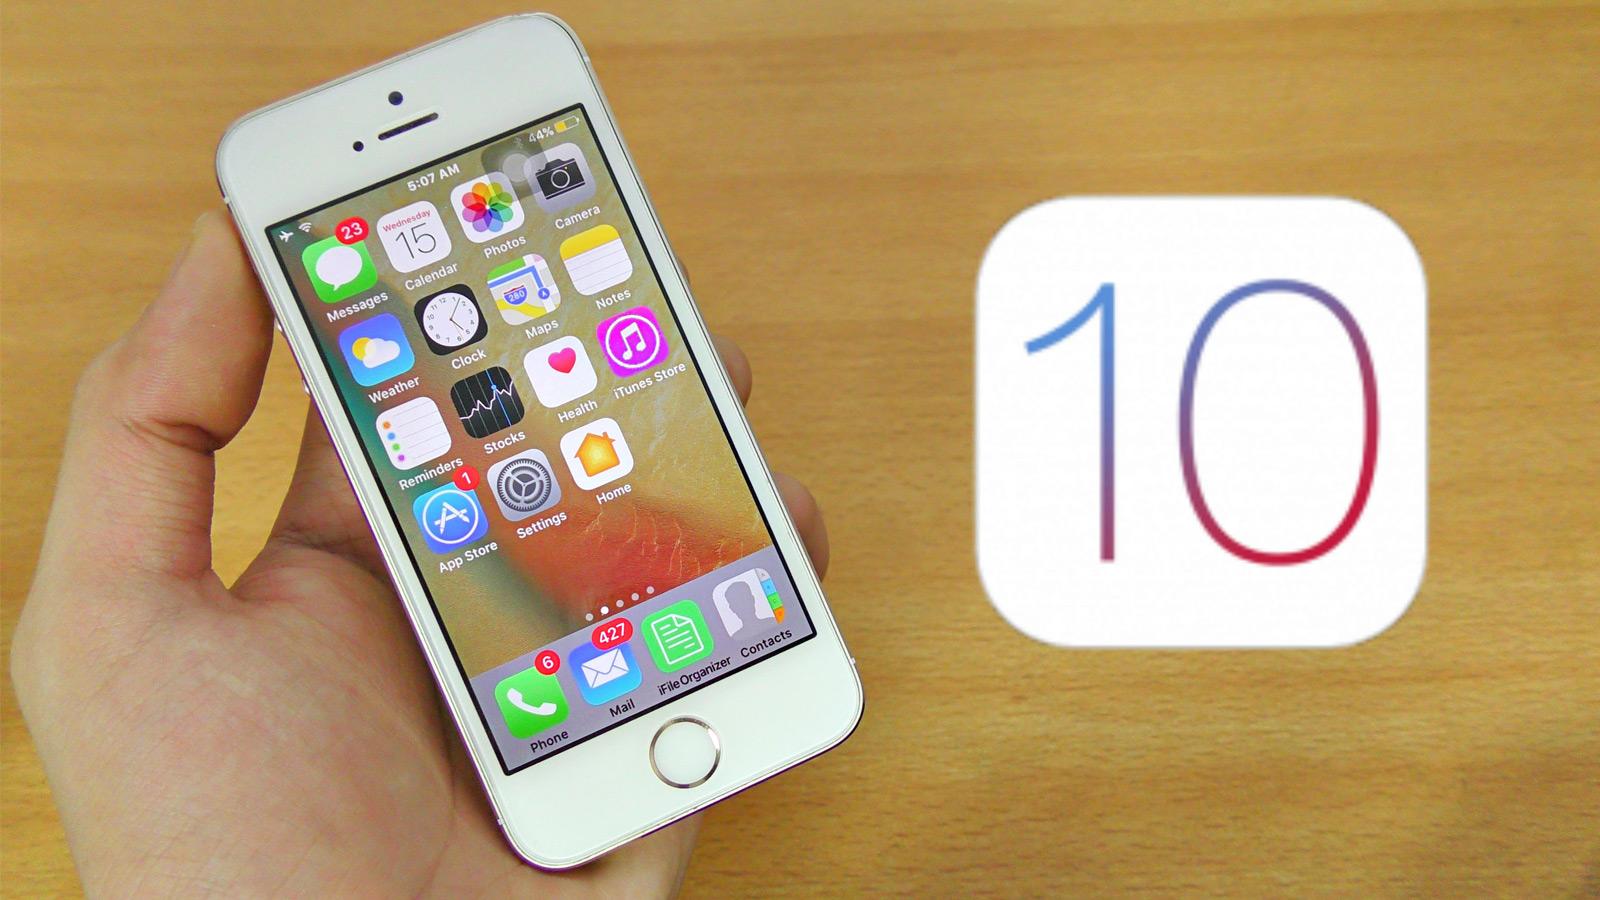 Experimentámos o iOS 10.0 num iPhone 5S e confrontámos as diferenças de desempenho face a dois modelos com as versões 8.3 e 9.2. Saiba se vale a pena atualizar o seu iPhone para o novo sistema operativo da Apple.